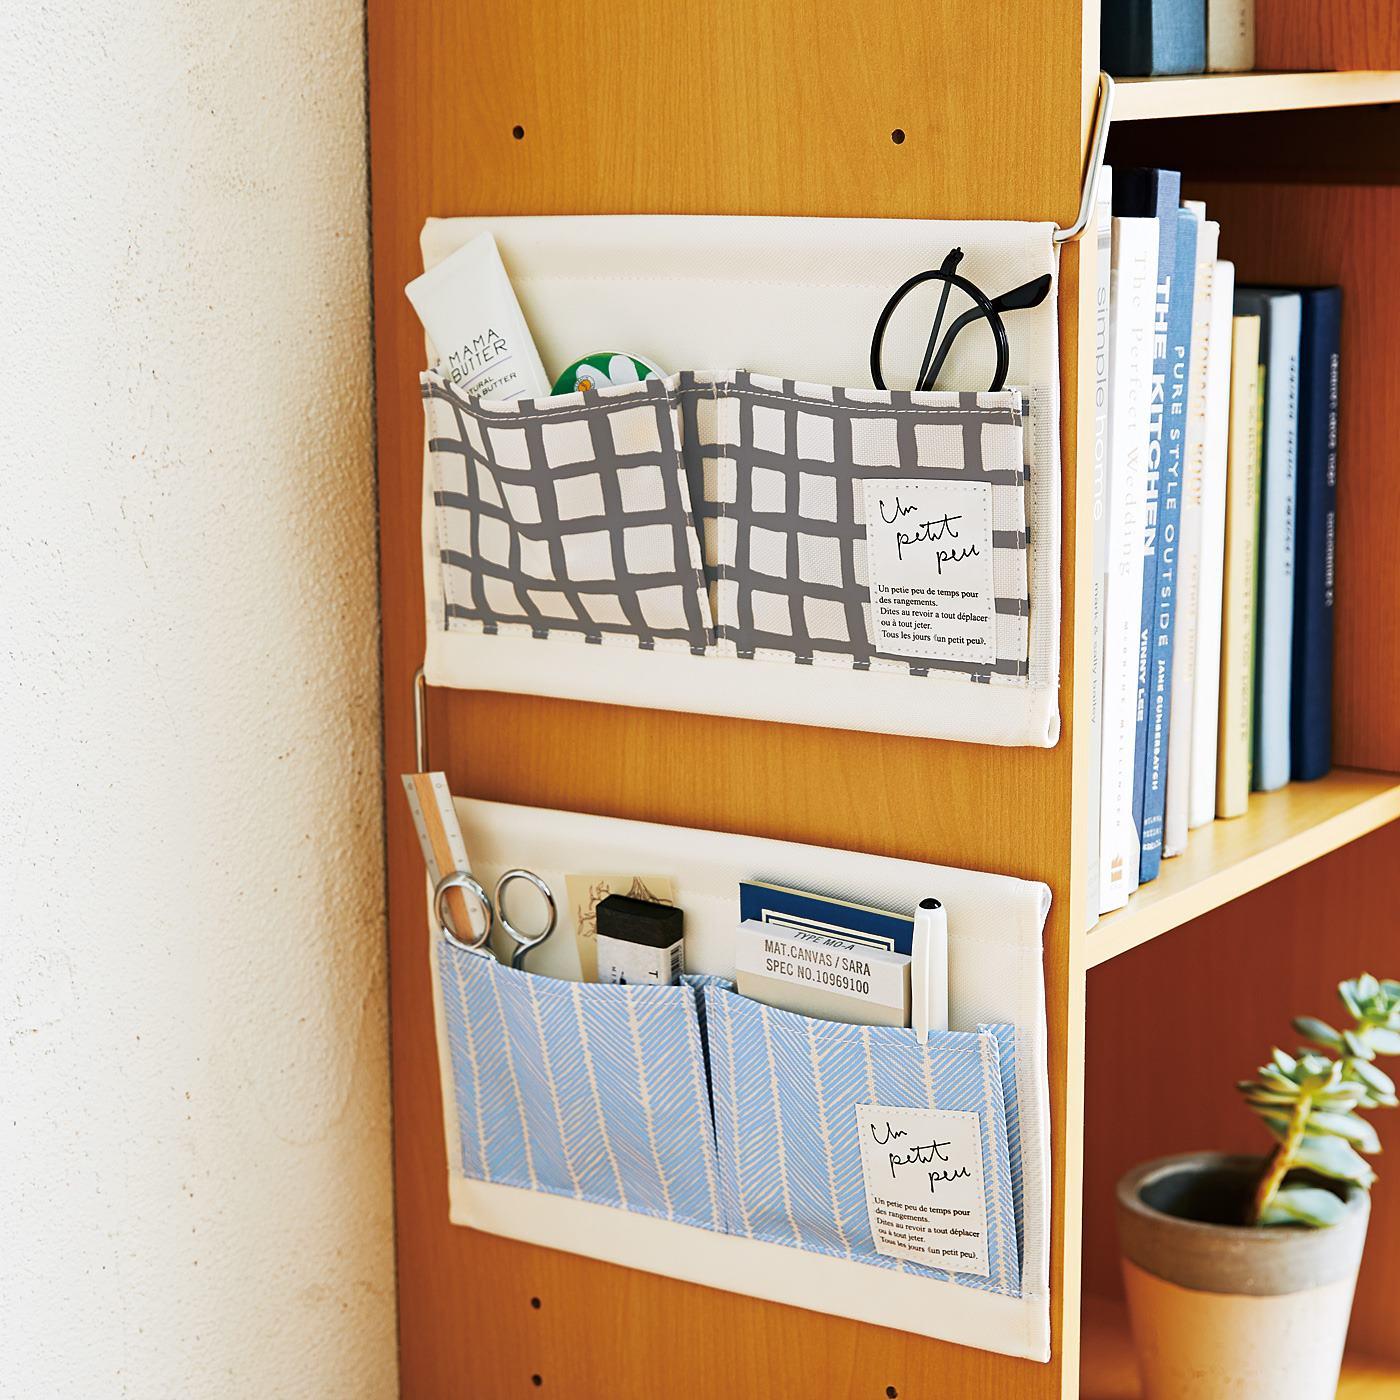 棚横は目につきやすく、探す手間や支払い忘れの防止にも。2個まで連結して使えます。